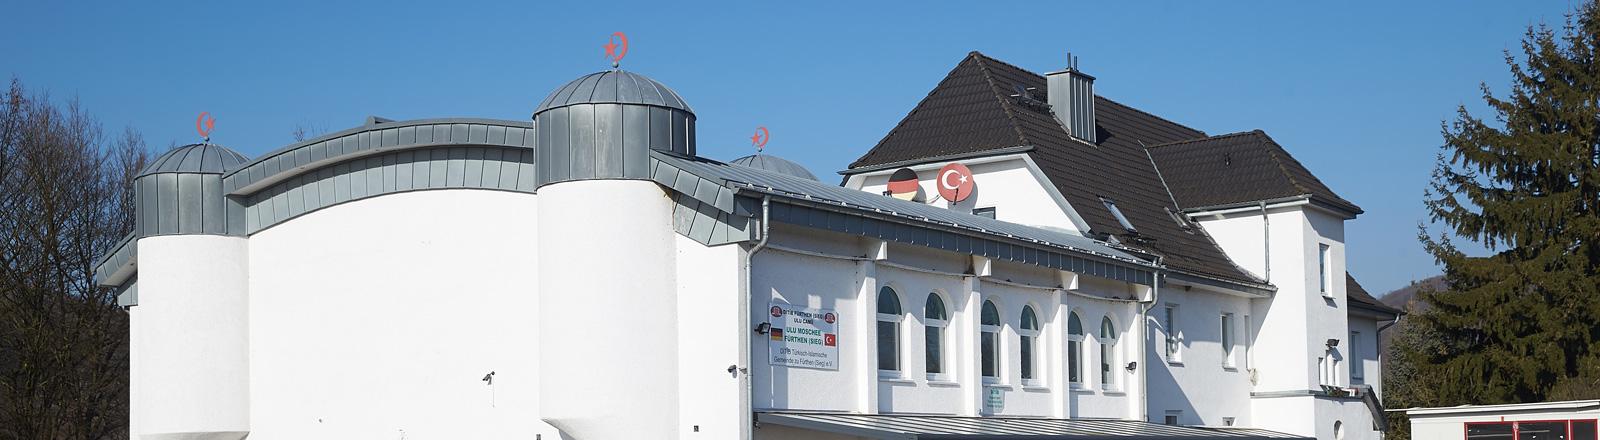 Die Ditib-Moschee in Fürthen wurde von BKA-Fahndern durchsucht.